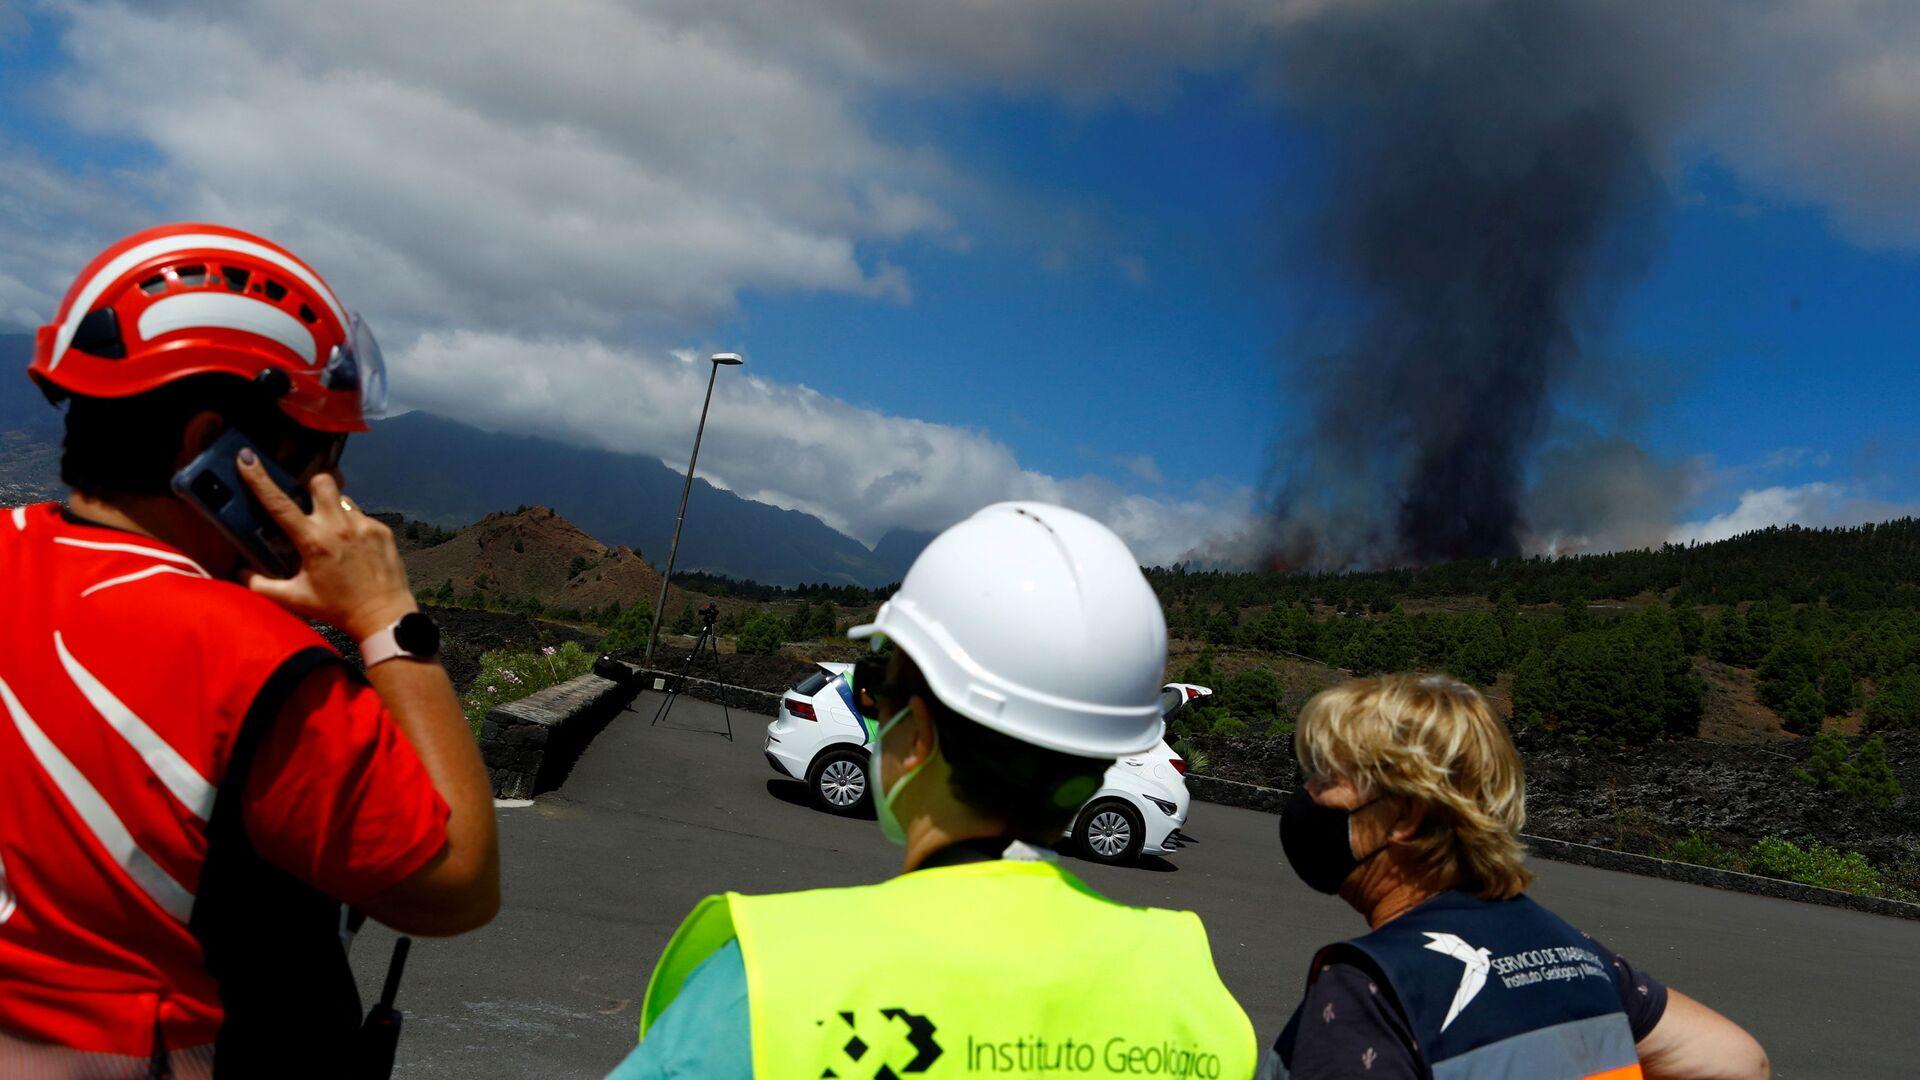 Erupcja wulkanu na kanaryjskiej wyspie La Palma - Sputnik Polska, 1920, 25.09.2021